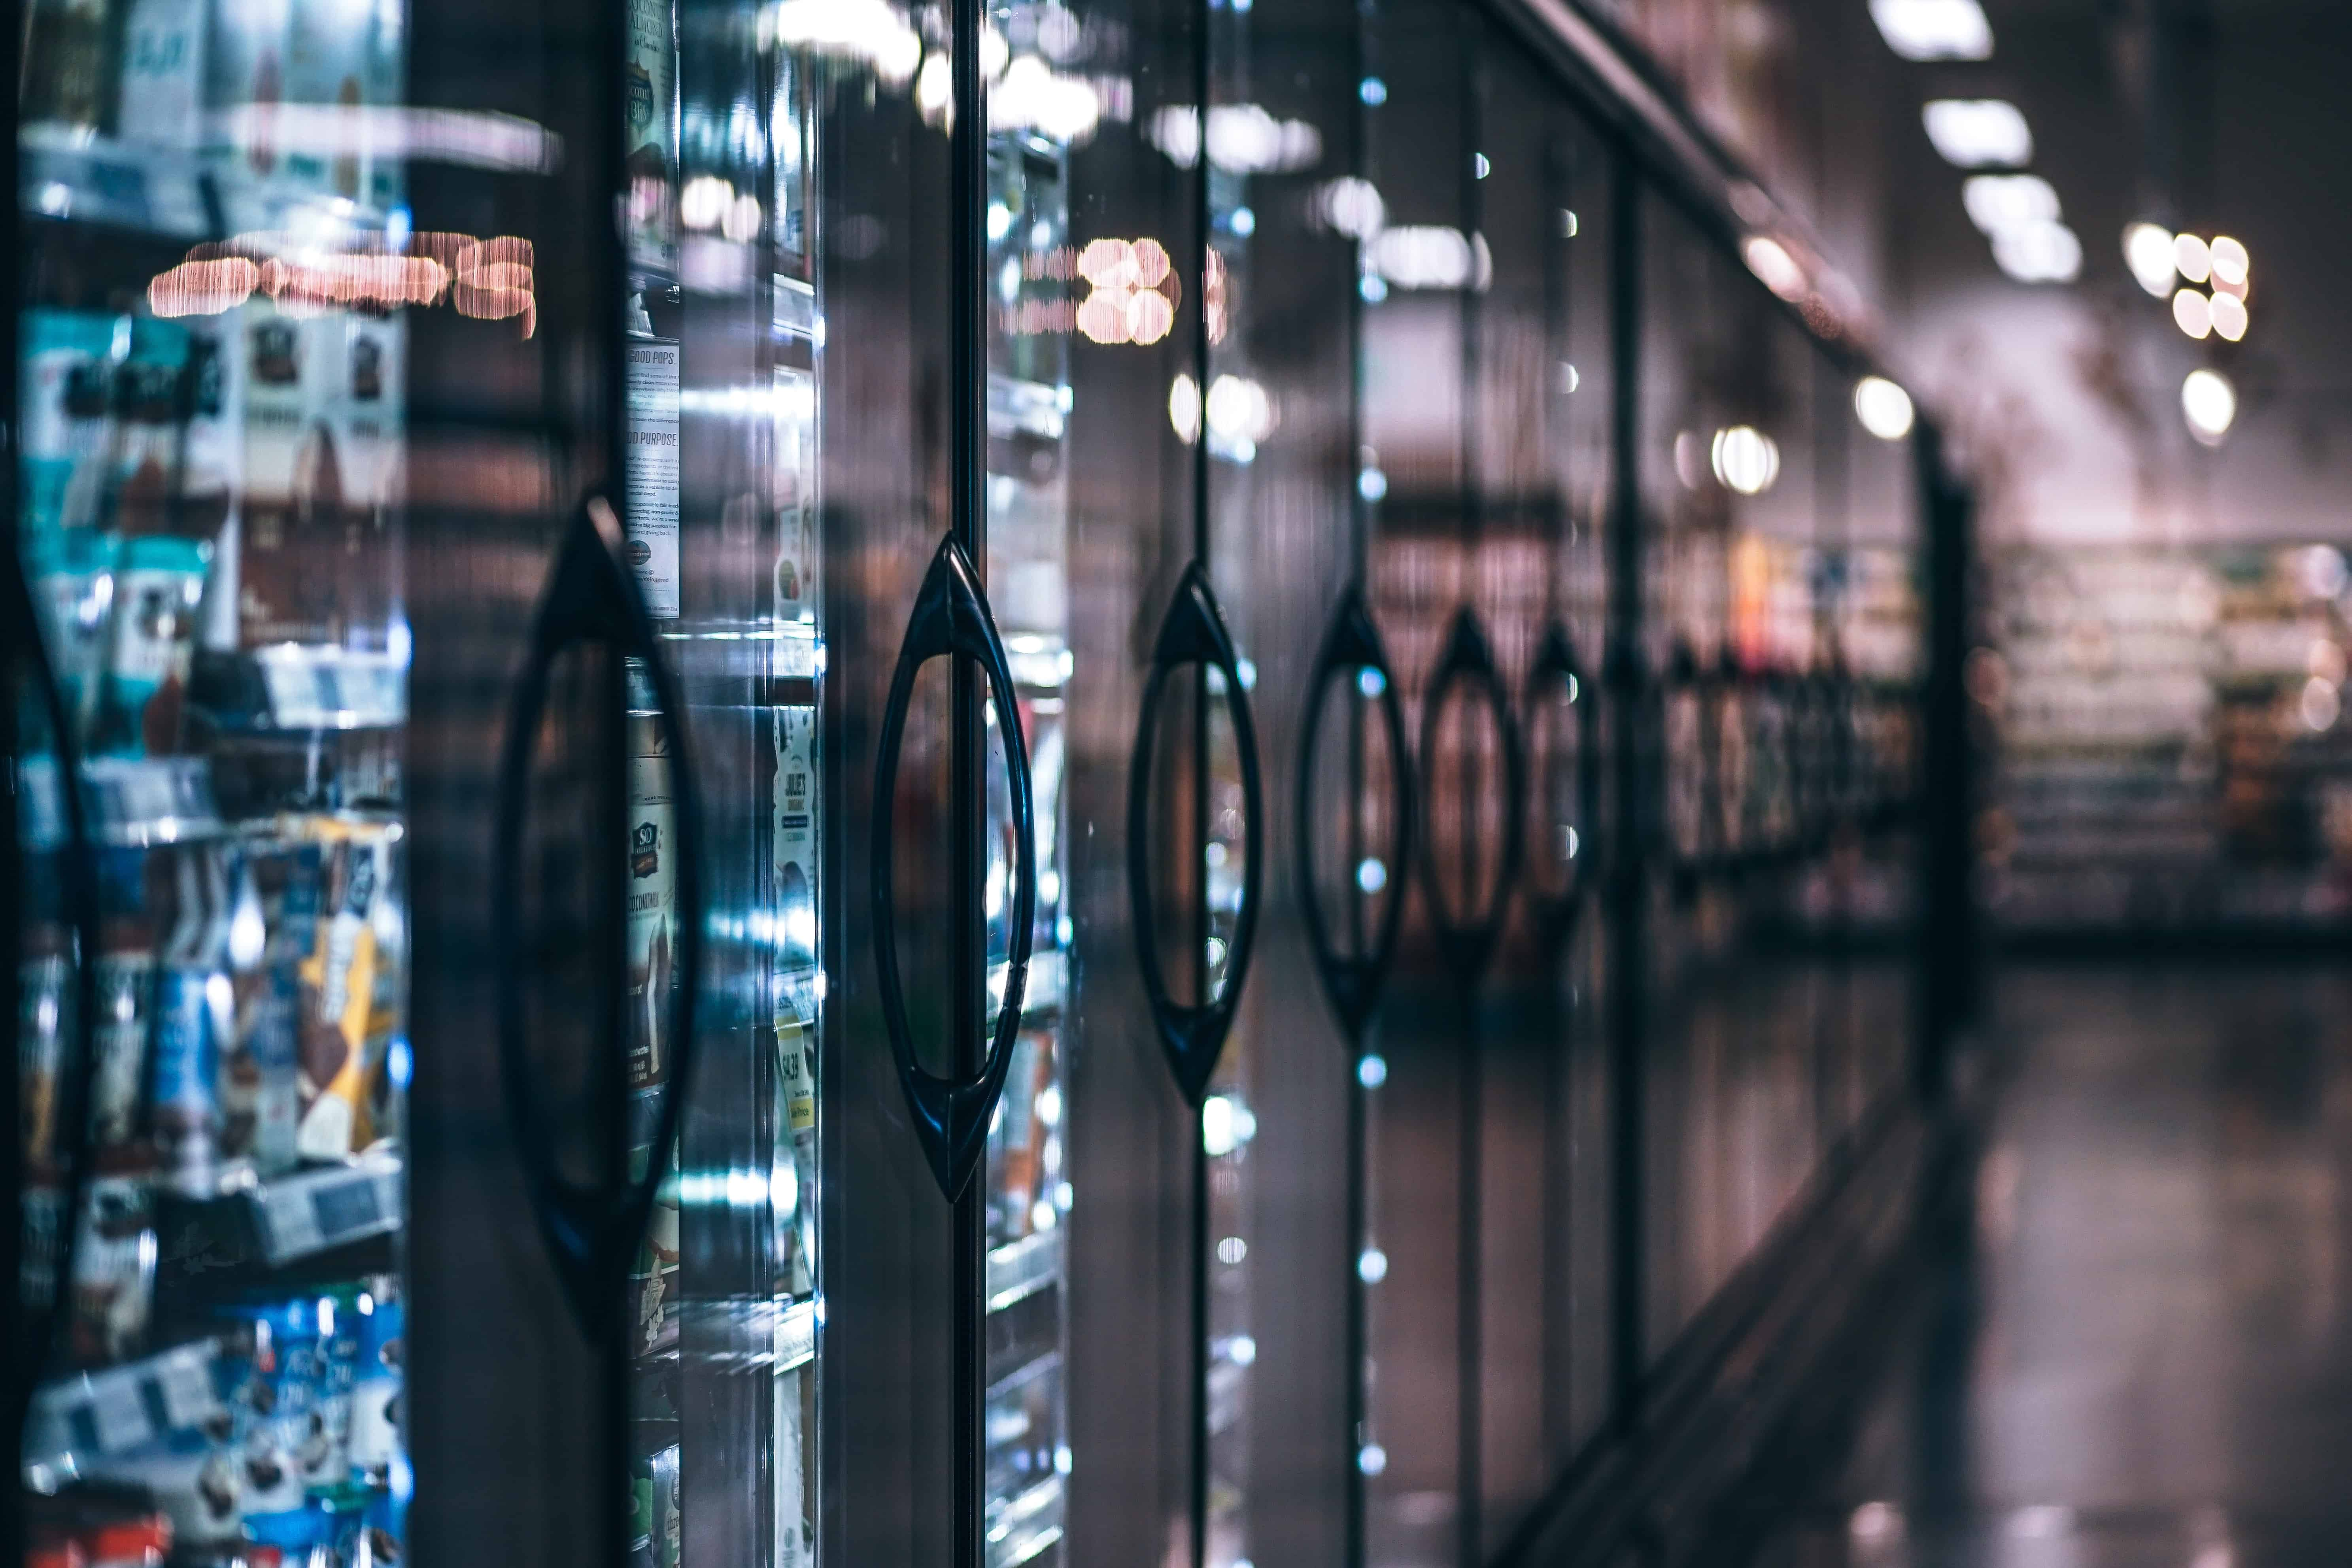 Aeg Kühlschrank Wasserfilter Wechseln Anleitung : Einbaukühlschrank test die besten kühlschränke im vergleich